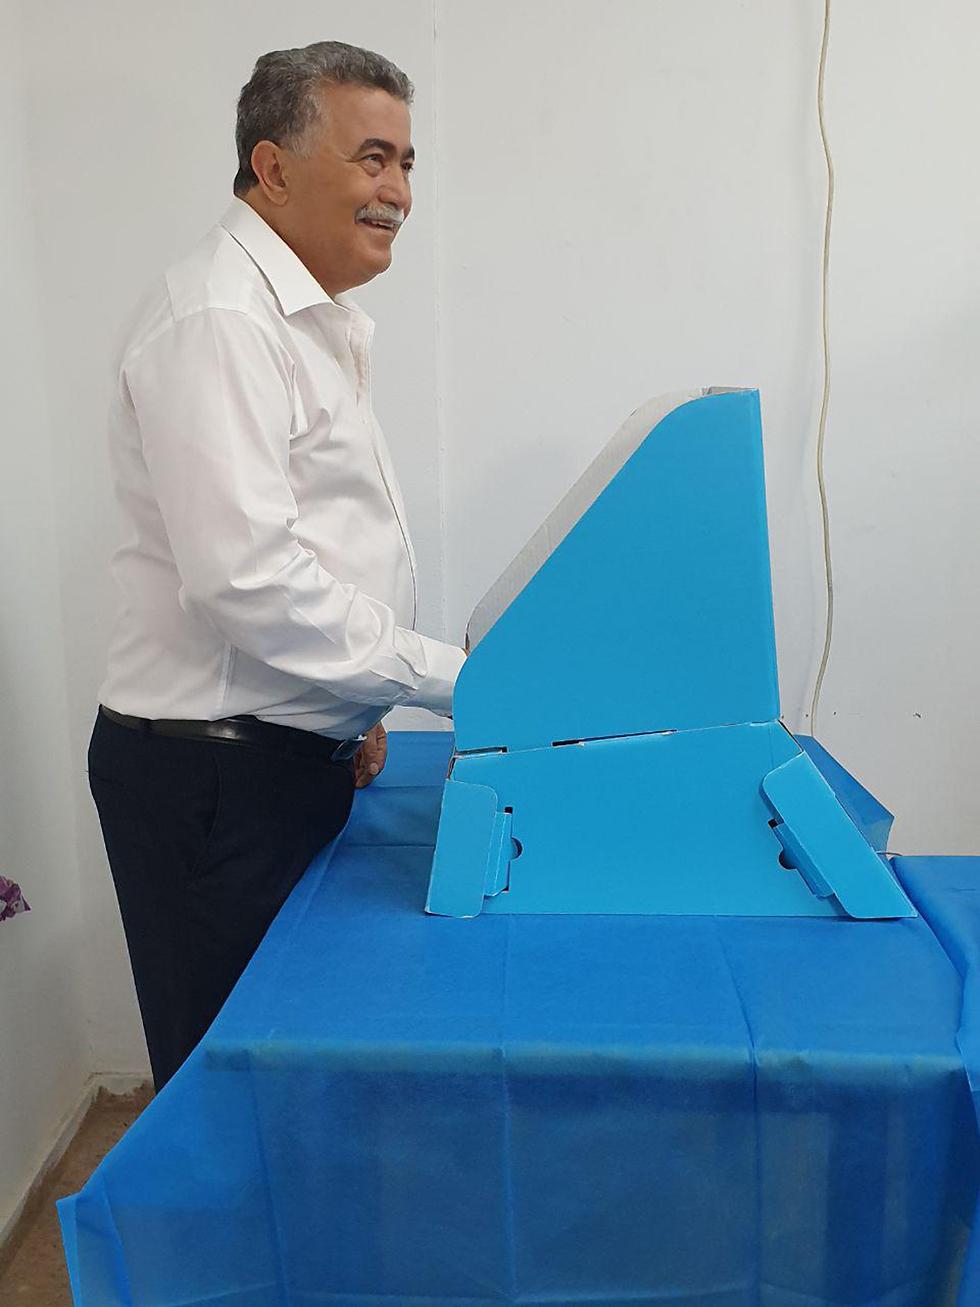 עמיר פרץ מצביע בשדרות בפריימריז של מפלגת העבודה (צילום: אילנה קוריאל)